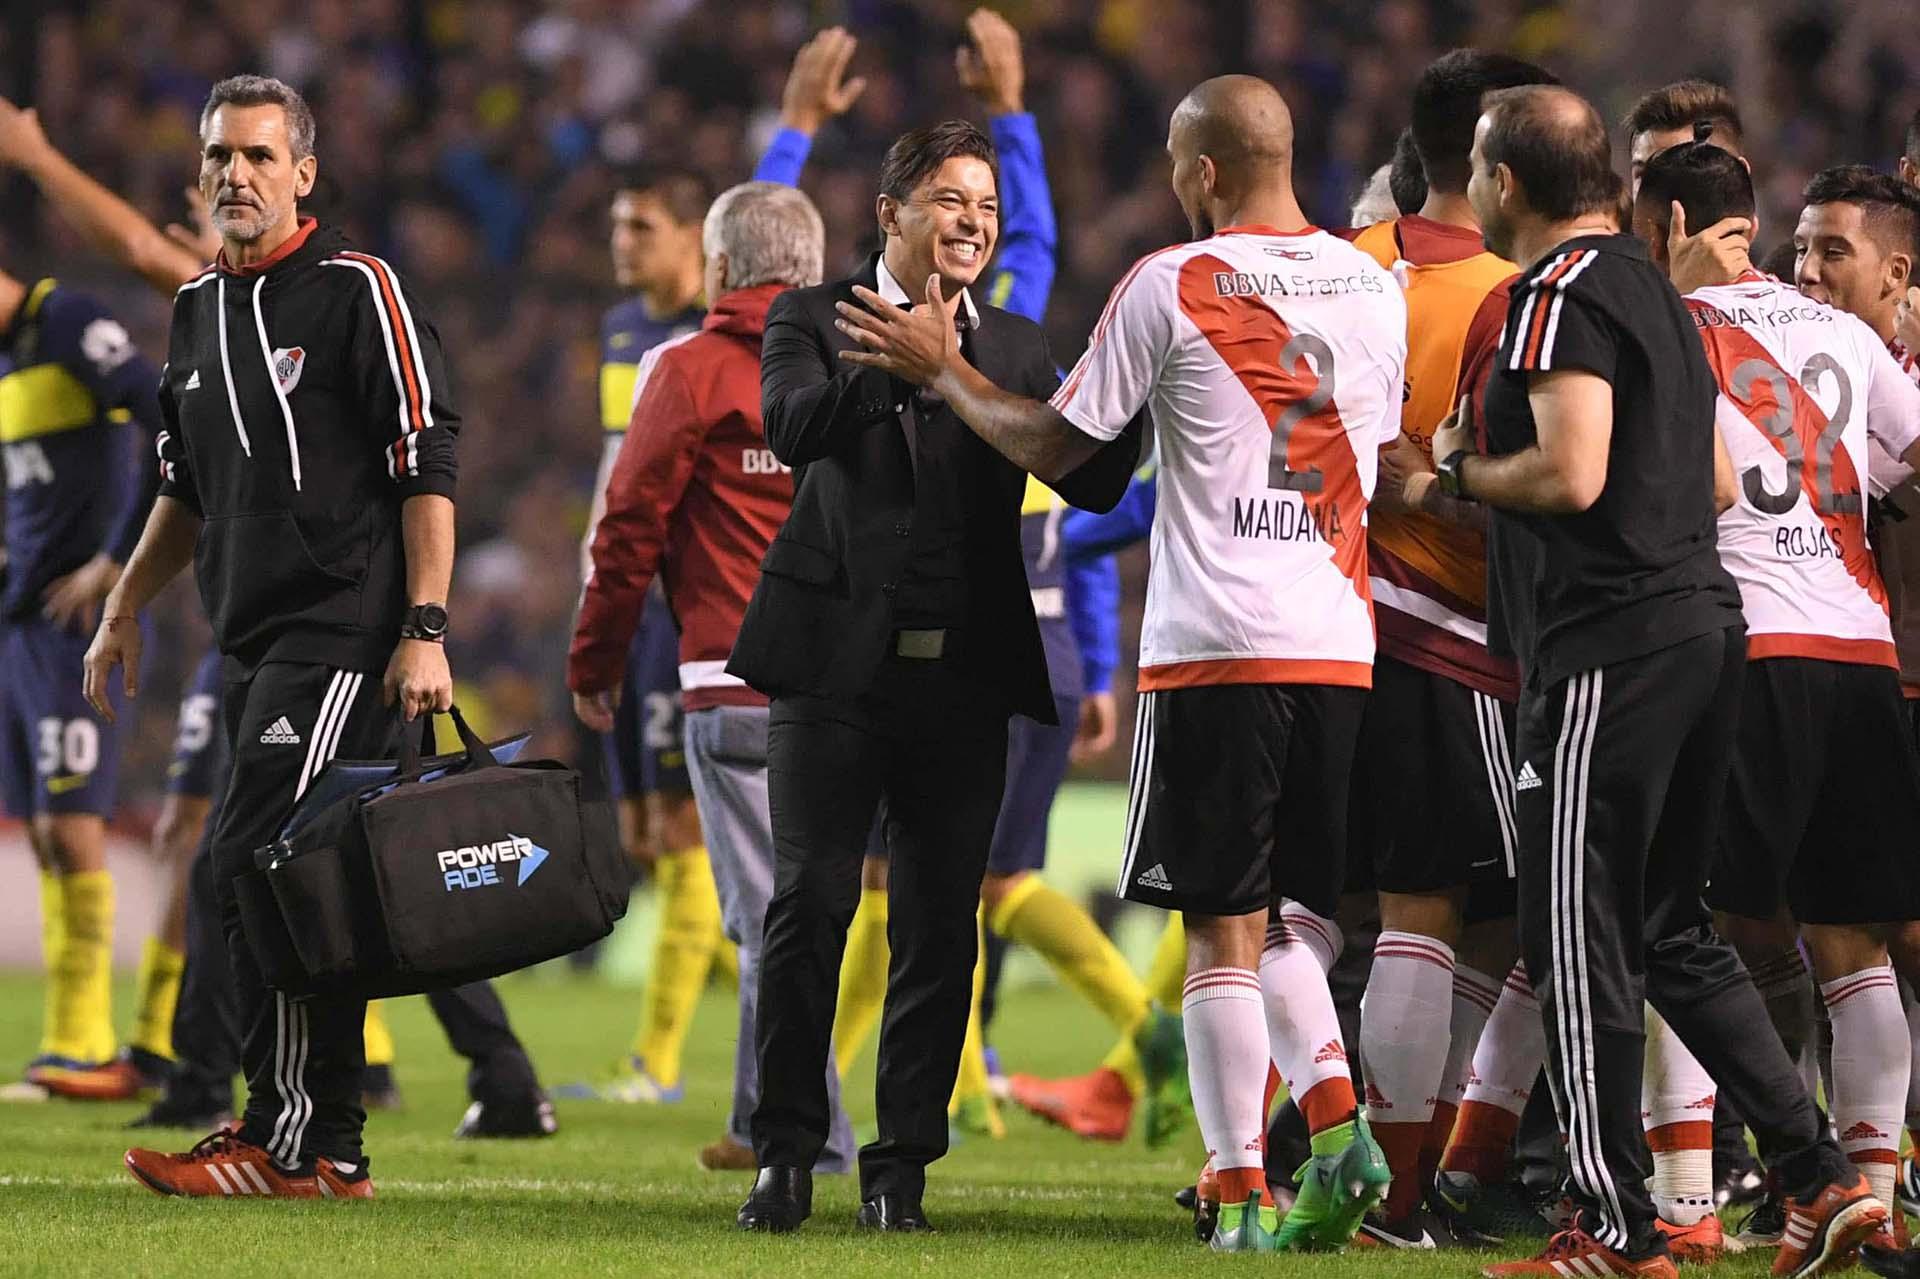 Feliz, al finalizar el partido Gallardodijo que River disputará el campeonato